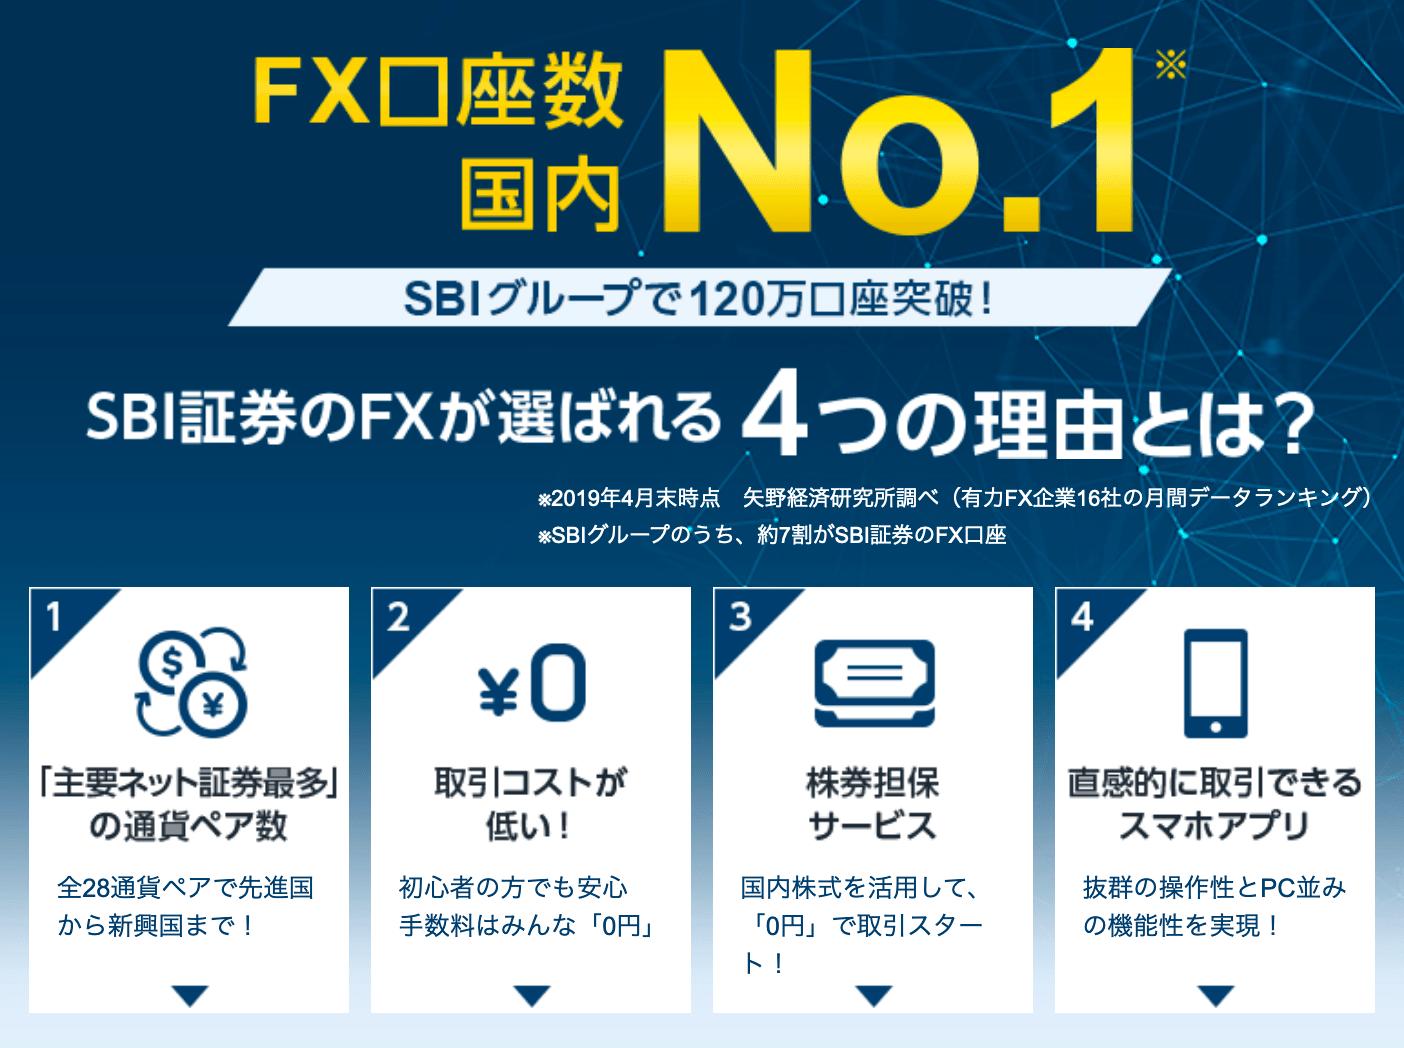 【徹底解説】SBI証券のFXが選ばれる4つの理由と初心者にオススメなポイントを解説!